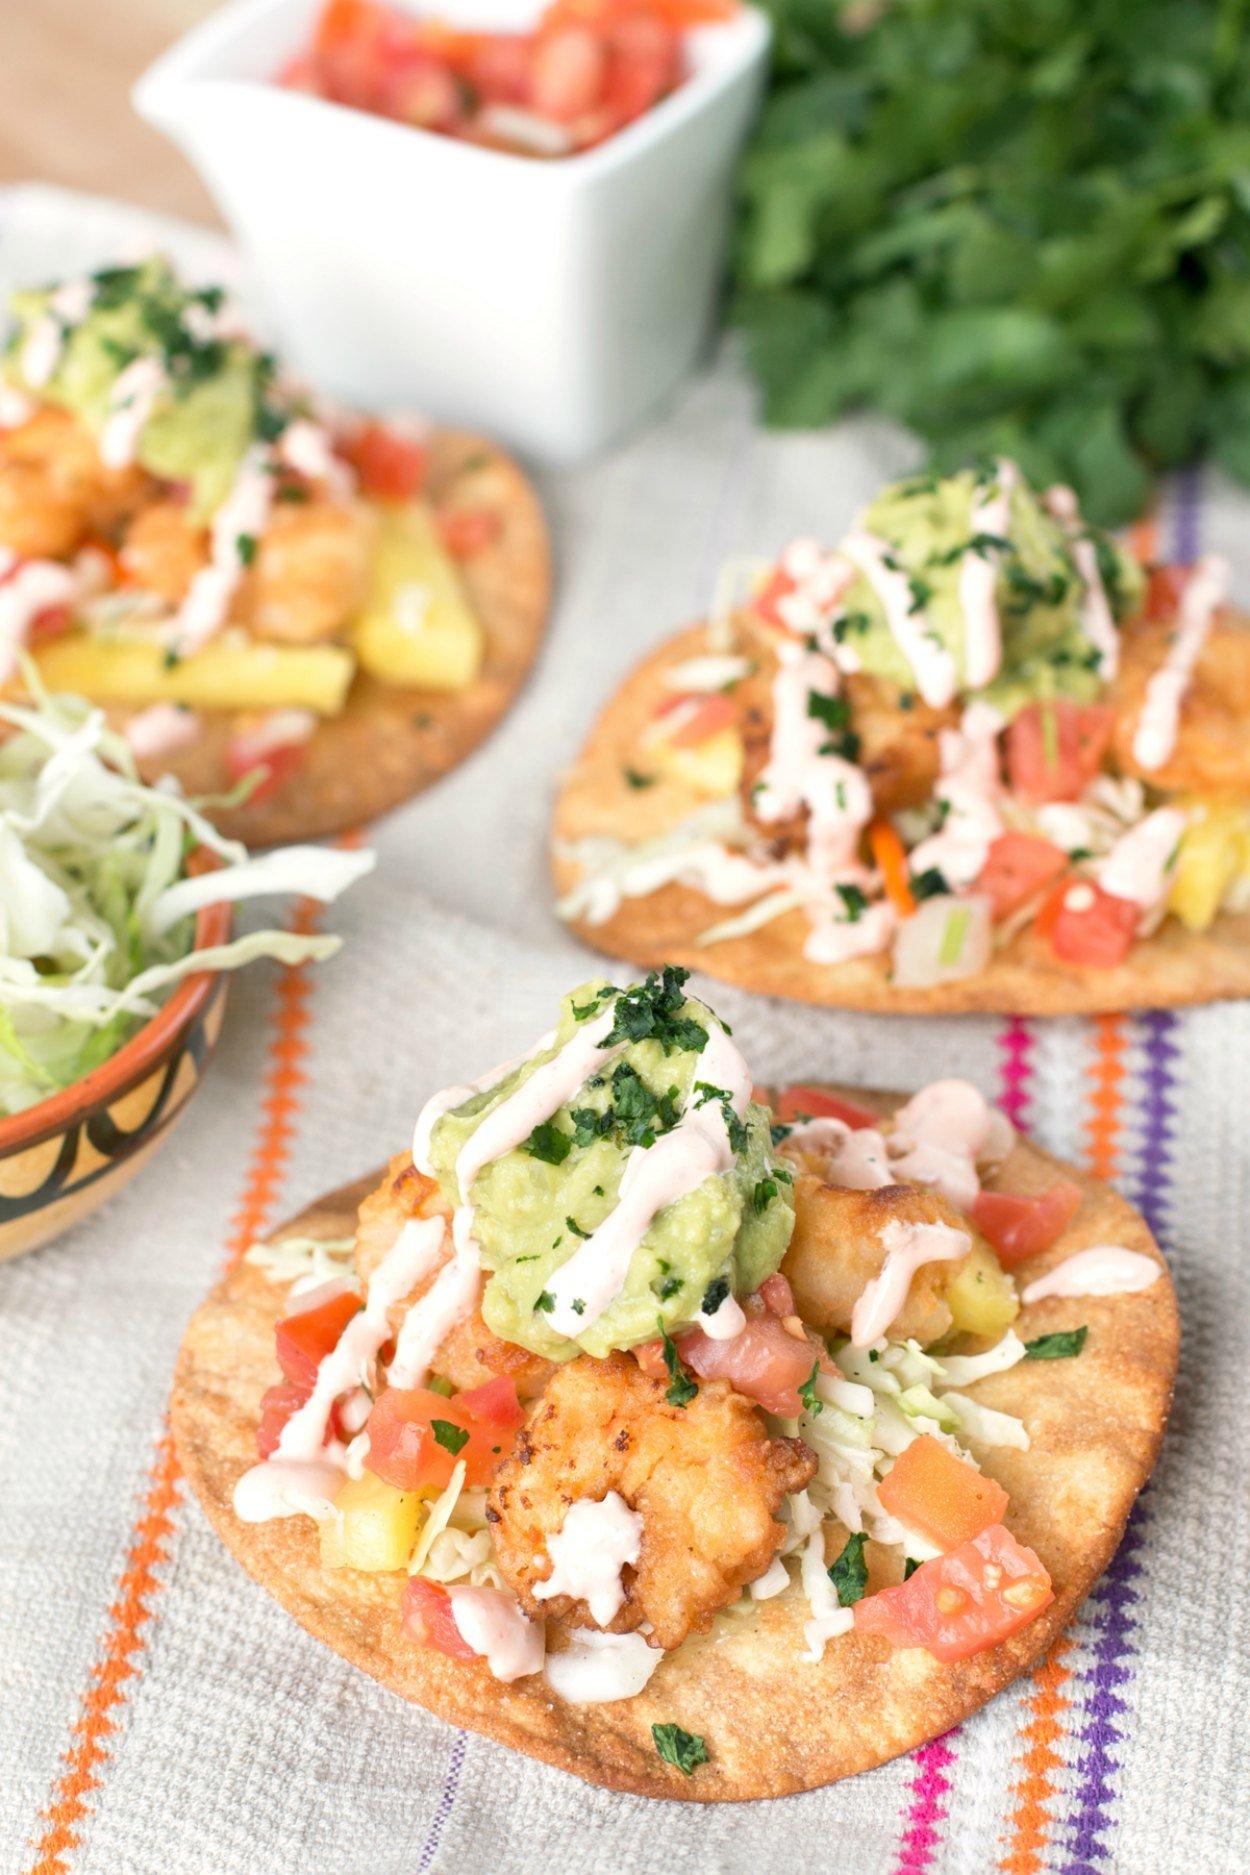 Bang Bang Shrimp Tacos Recipe on a colorful napkin